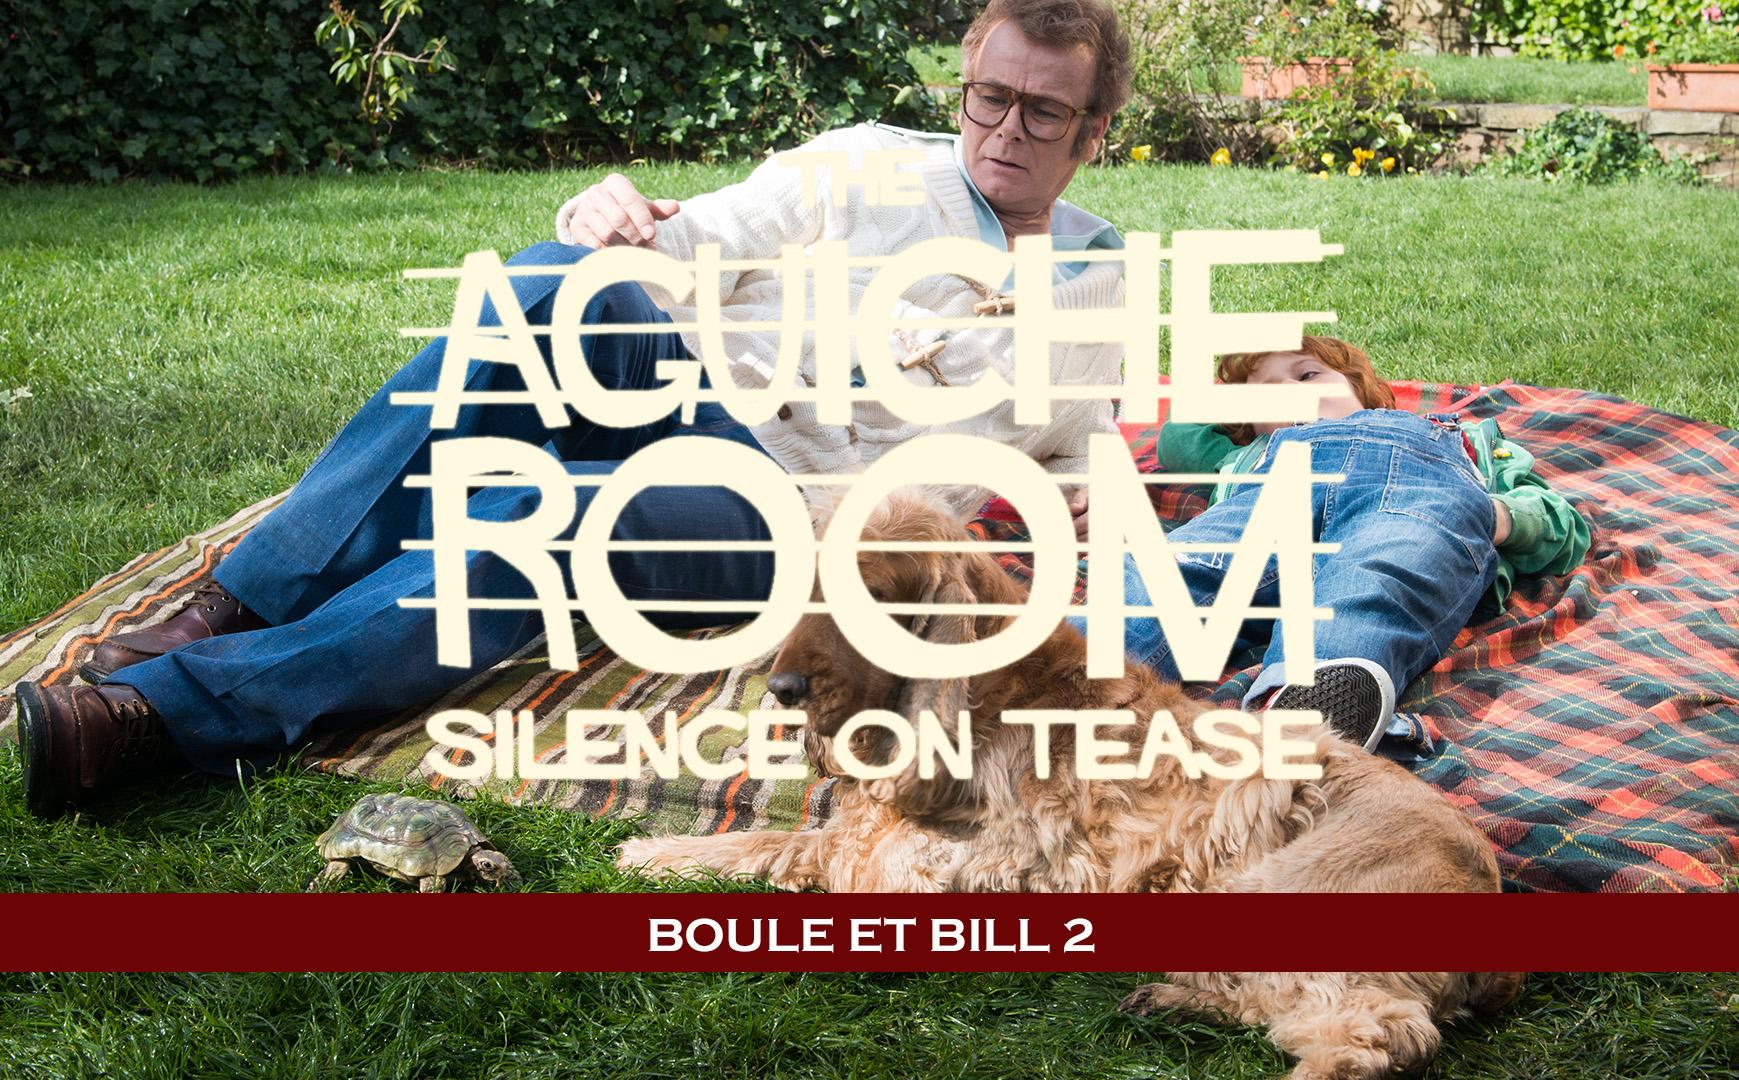 #AguicheRoom Boule et Bill 2